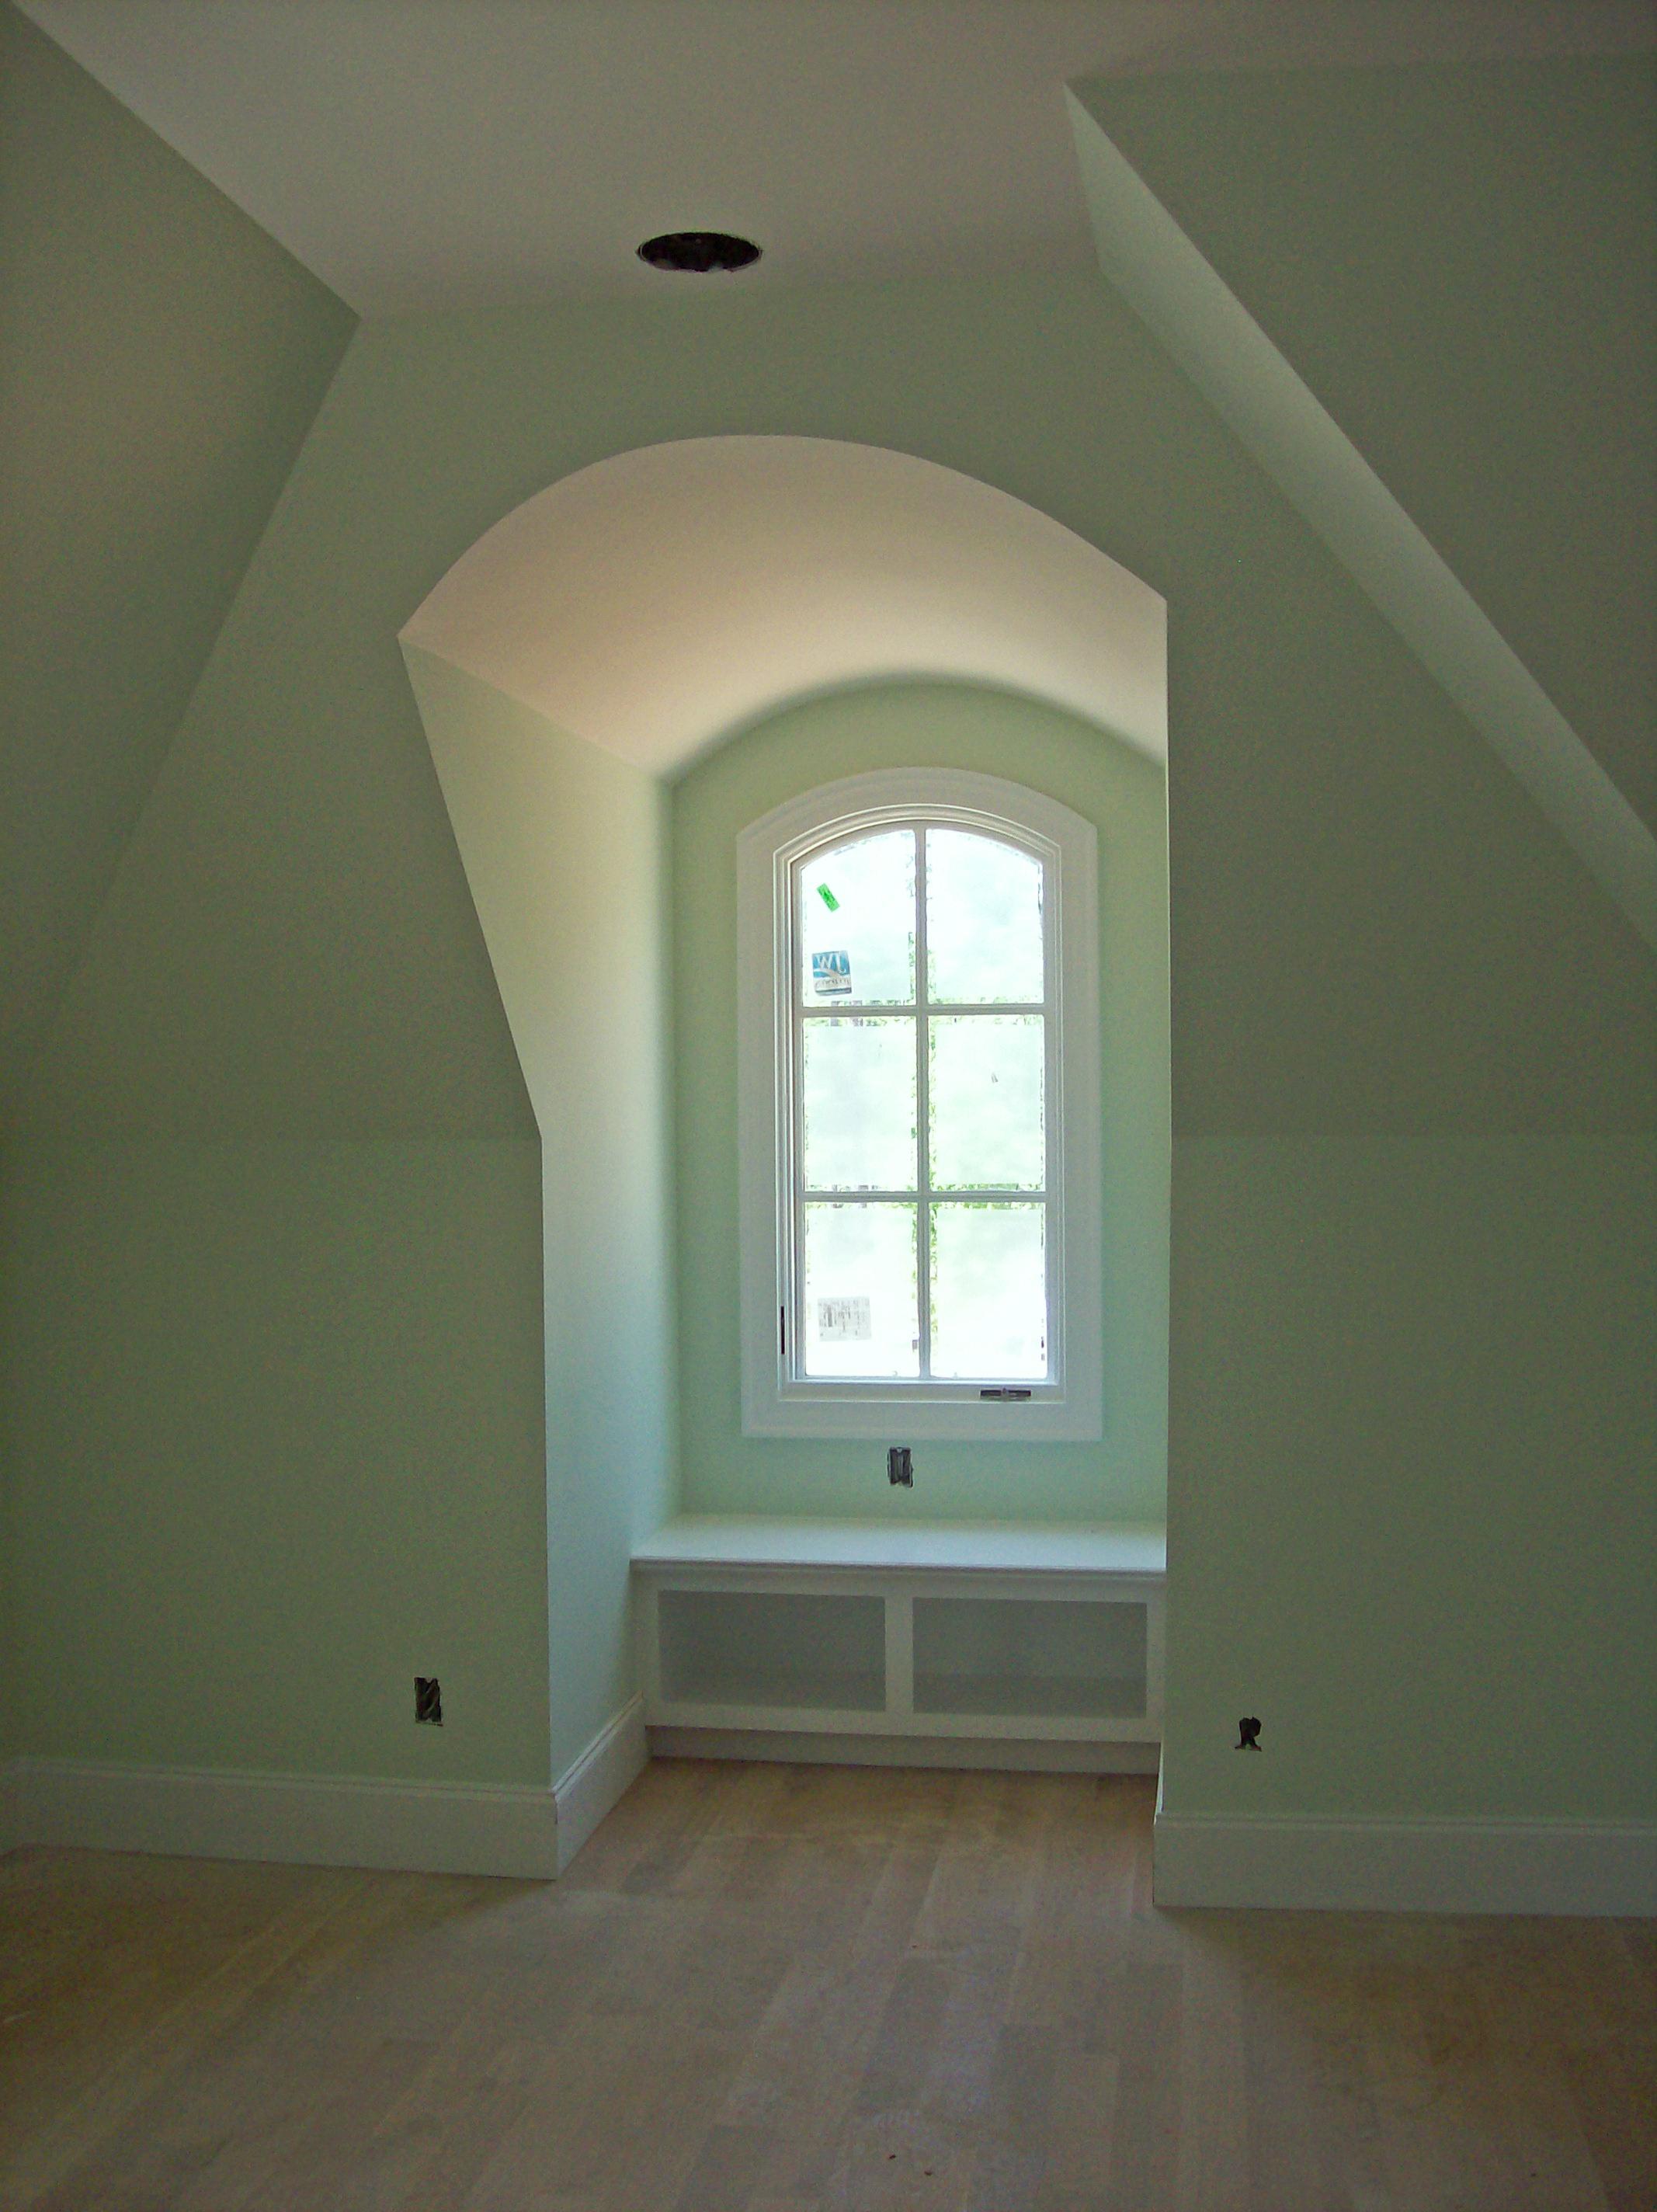 Nook Open Cubbie Window Seat